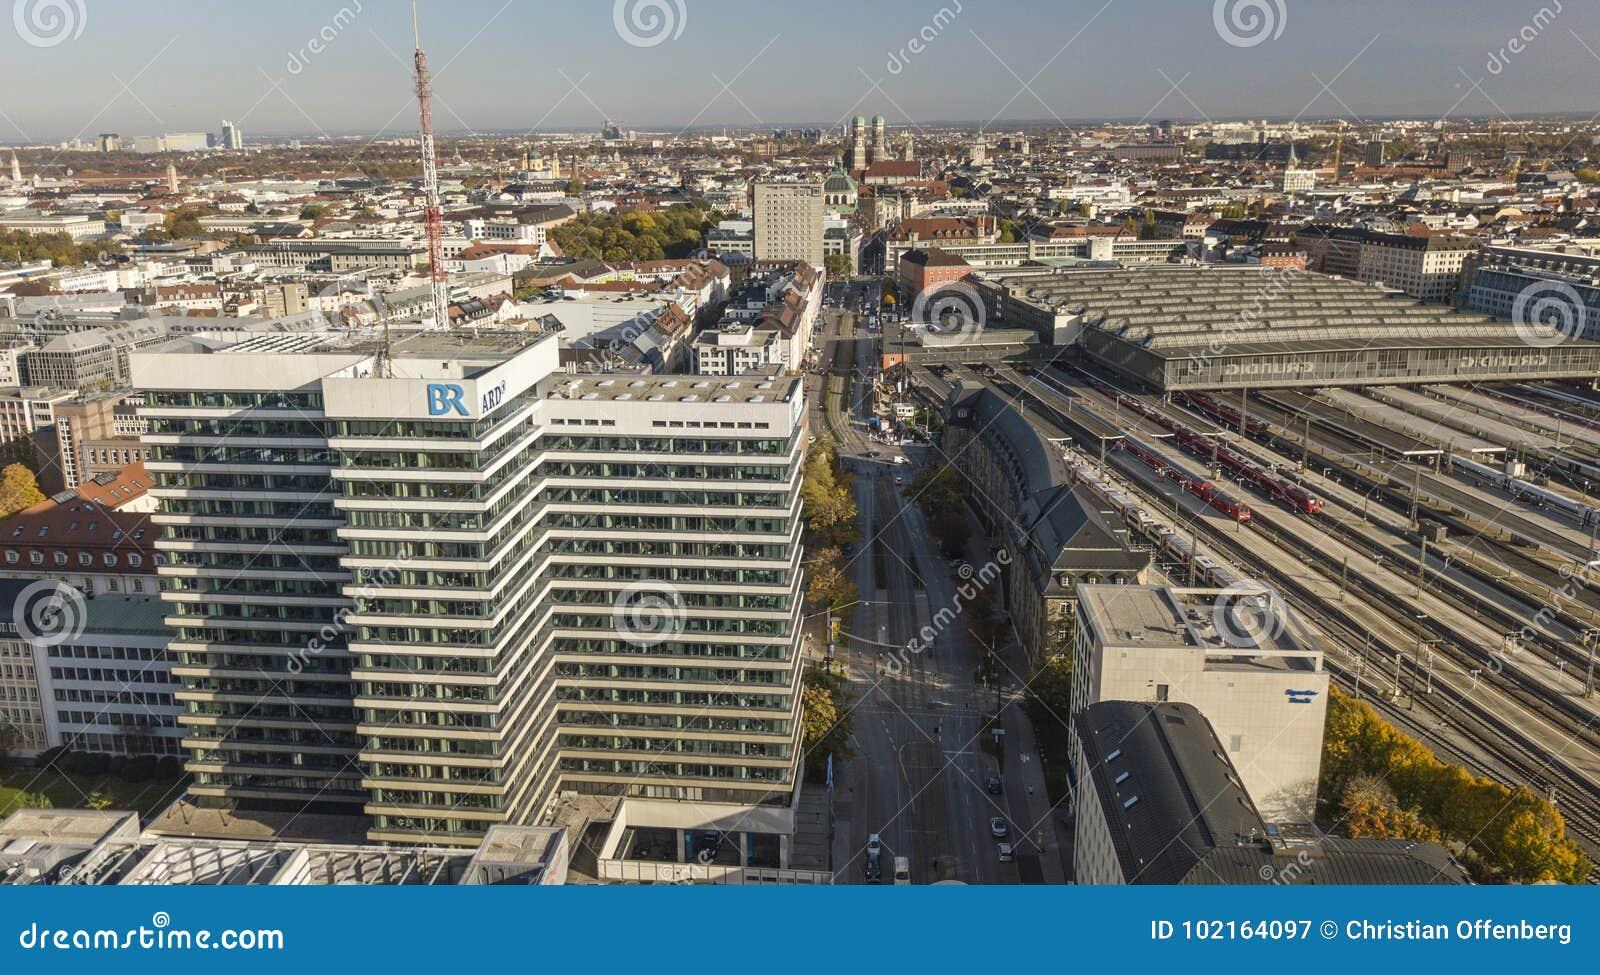 慕尼黑,德国17/10/2017 :公开播报员ARD/Bayerische Rundfunk的总部在慕尼黑